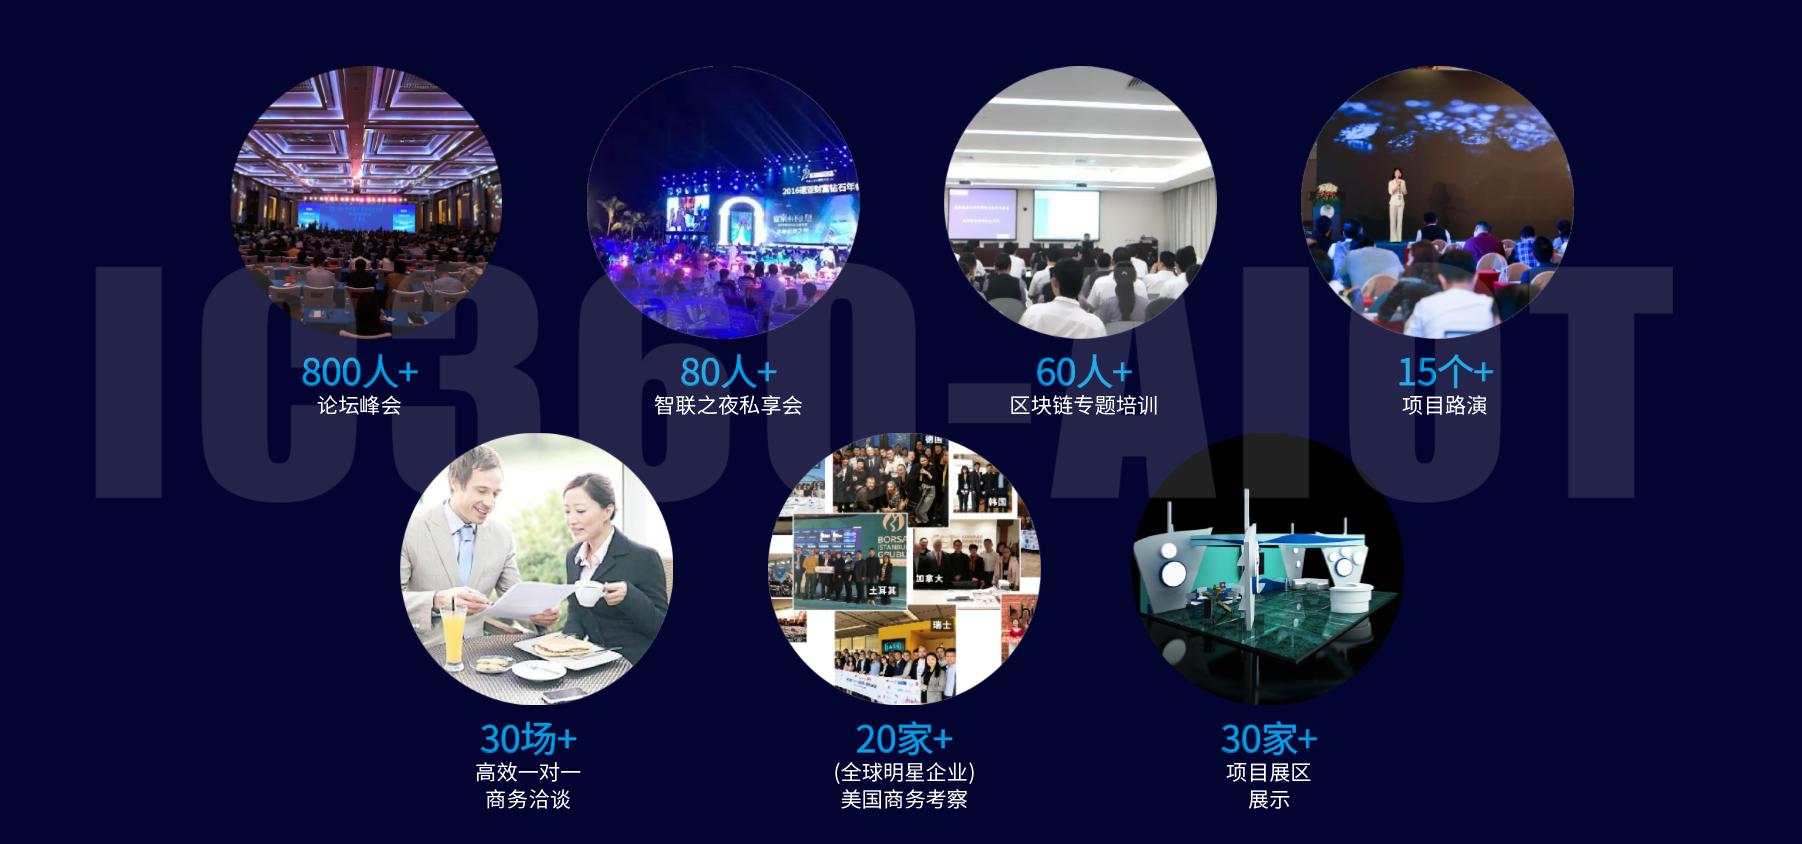 智联网大会2020(5G、AI、IoT、大数据、区块链)